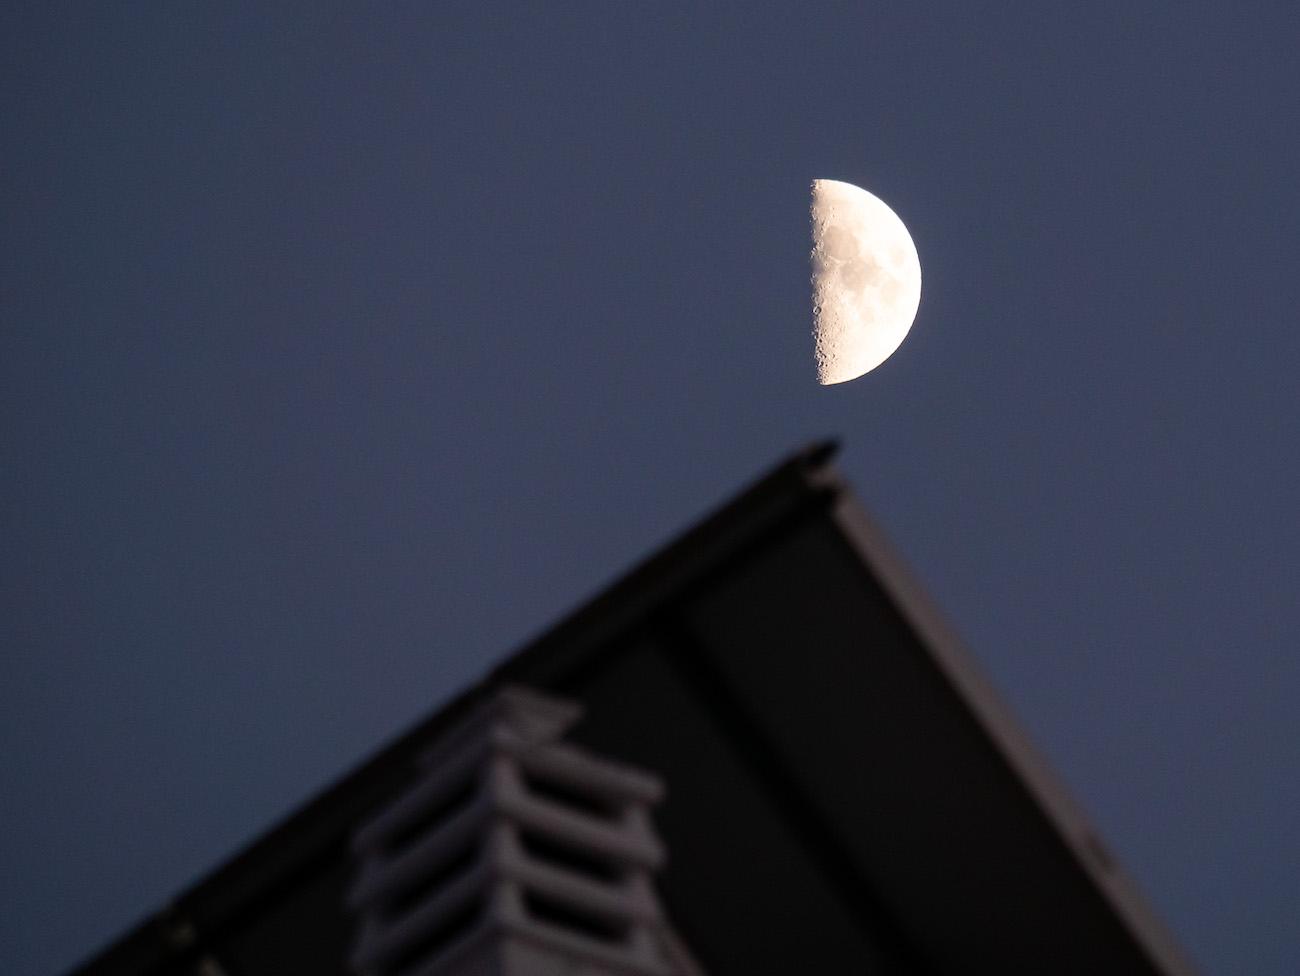 Fotos de la Luna tomadas desde Torremolinos, Málaga - El ...